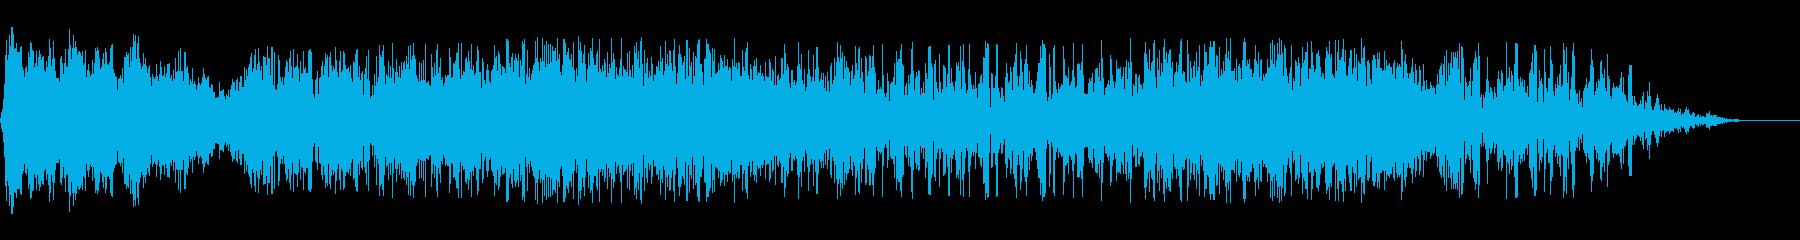 メタルスペースの解決1の再生済みの波形